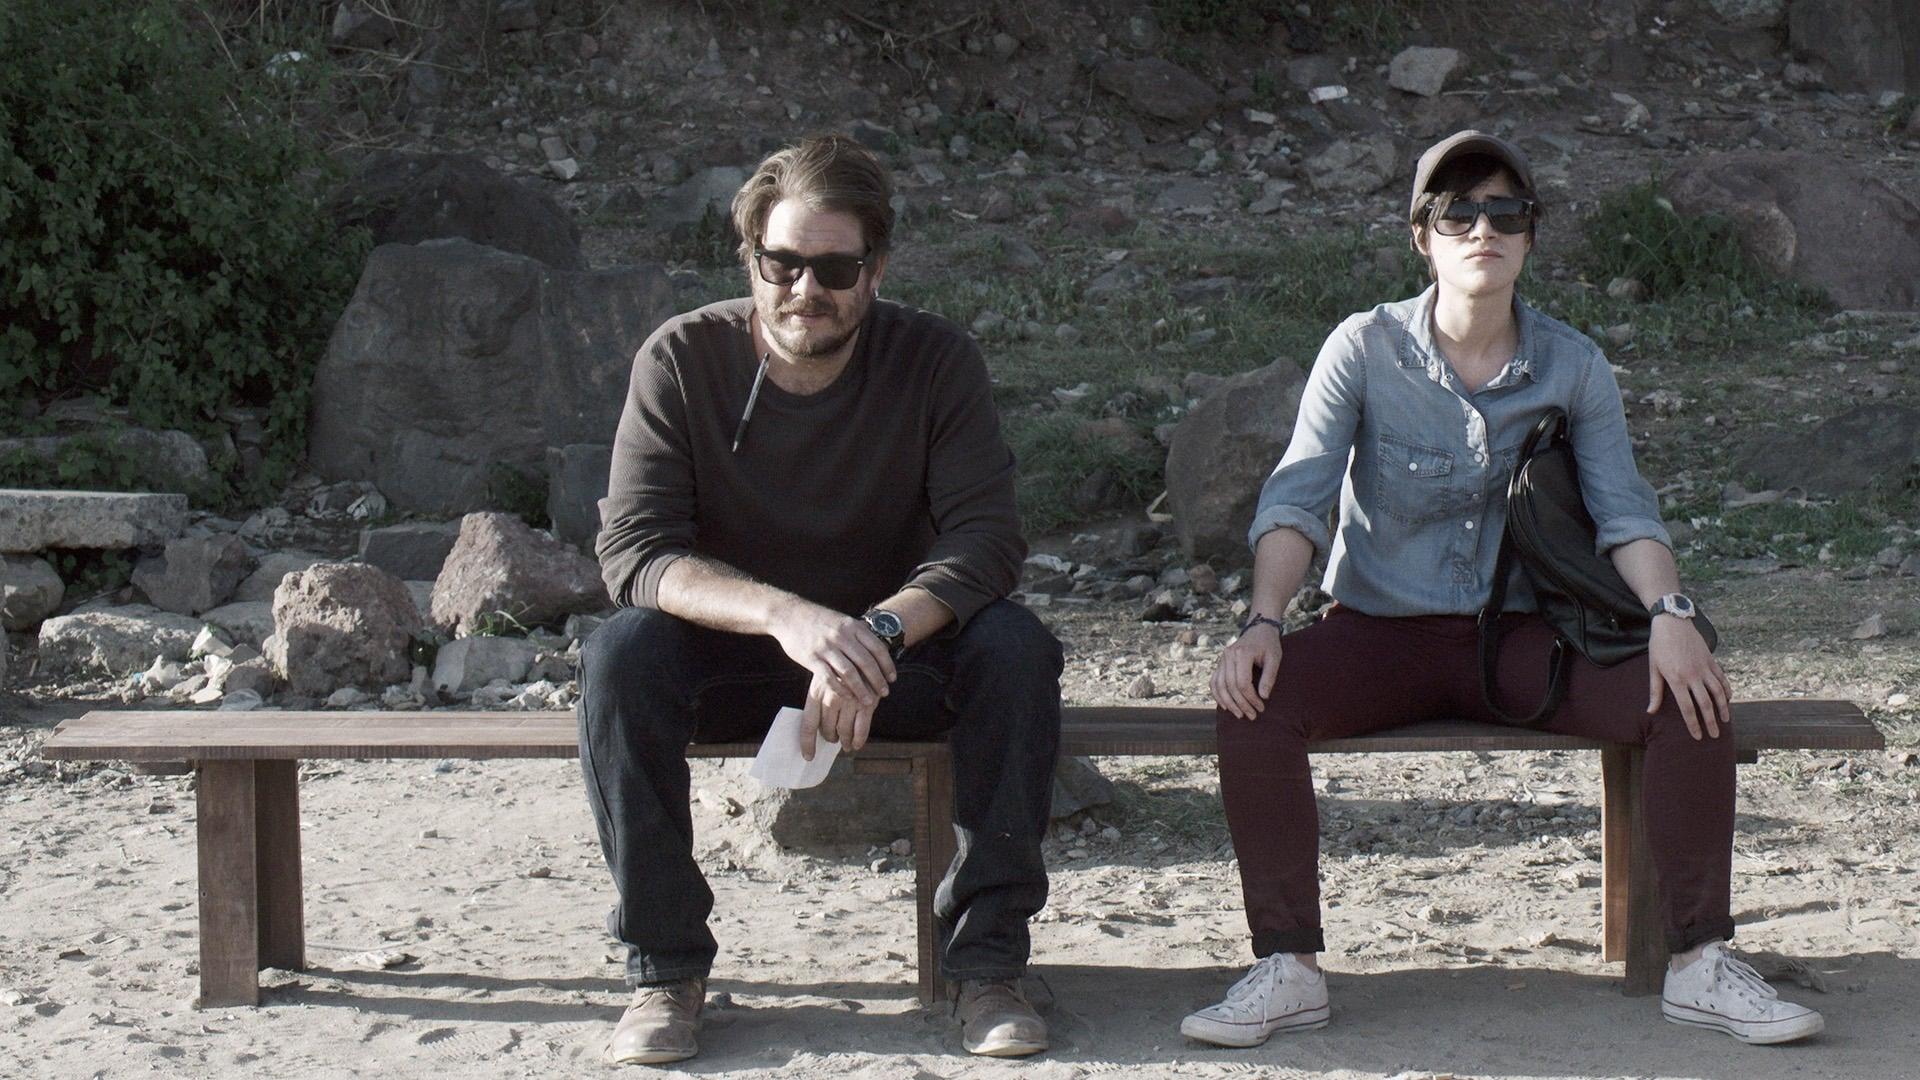 Tijuana Season 1 Episode 3